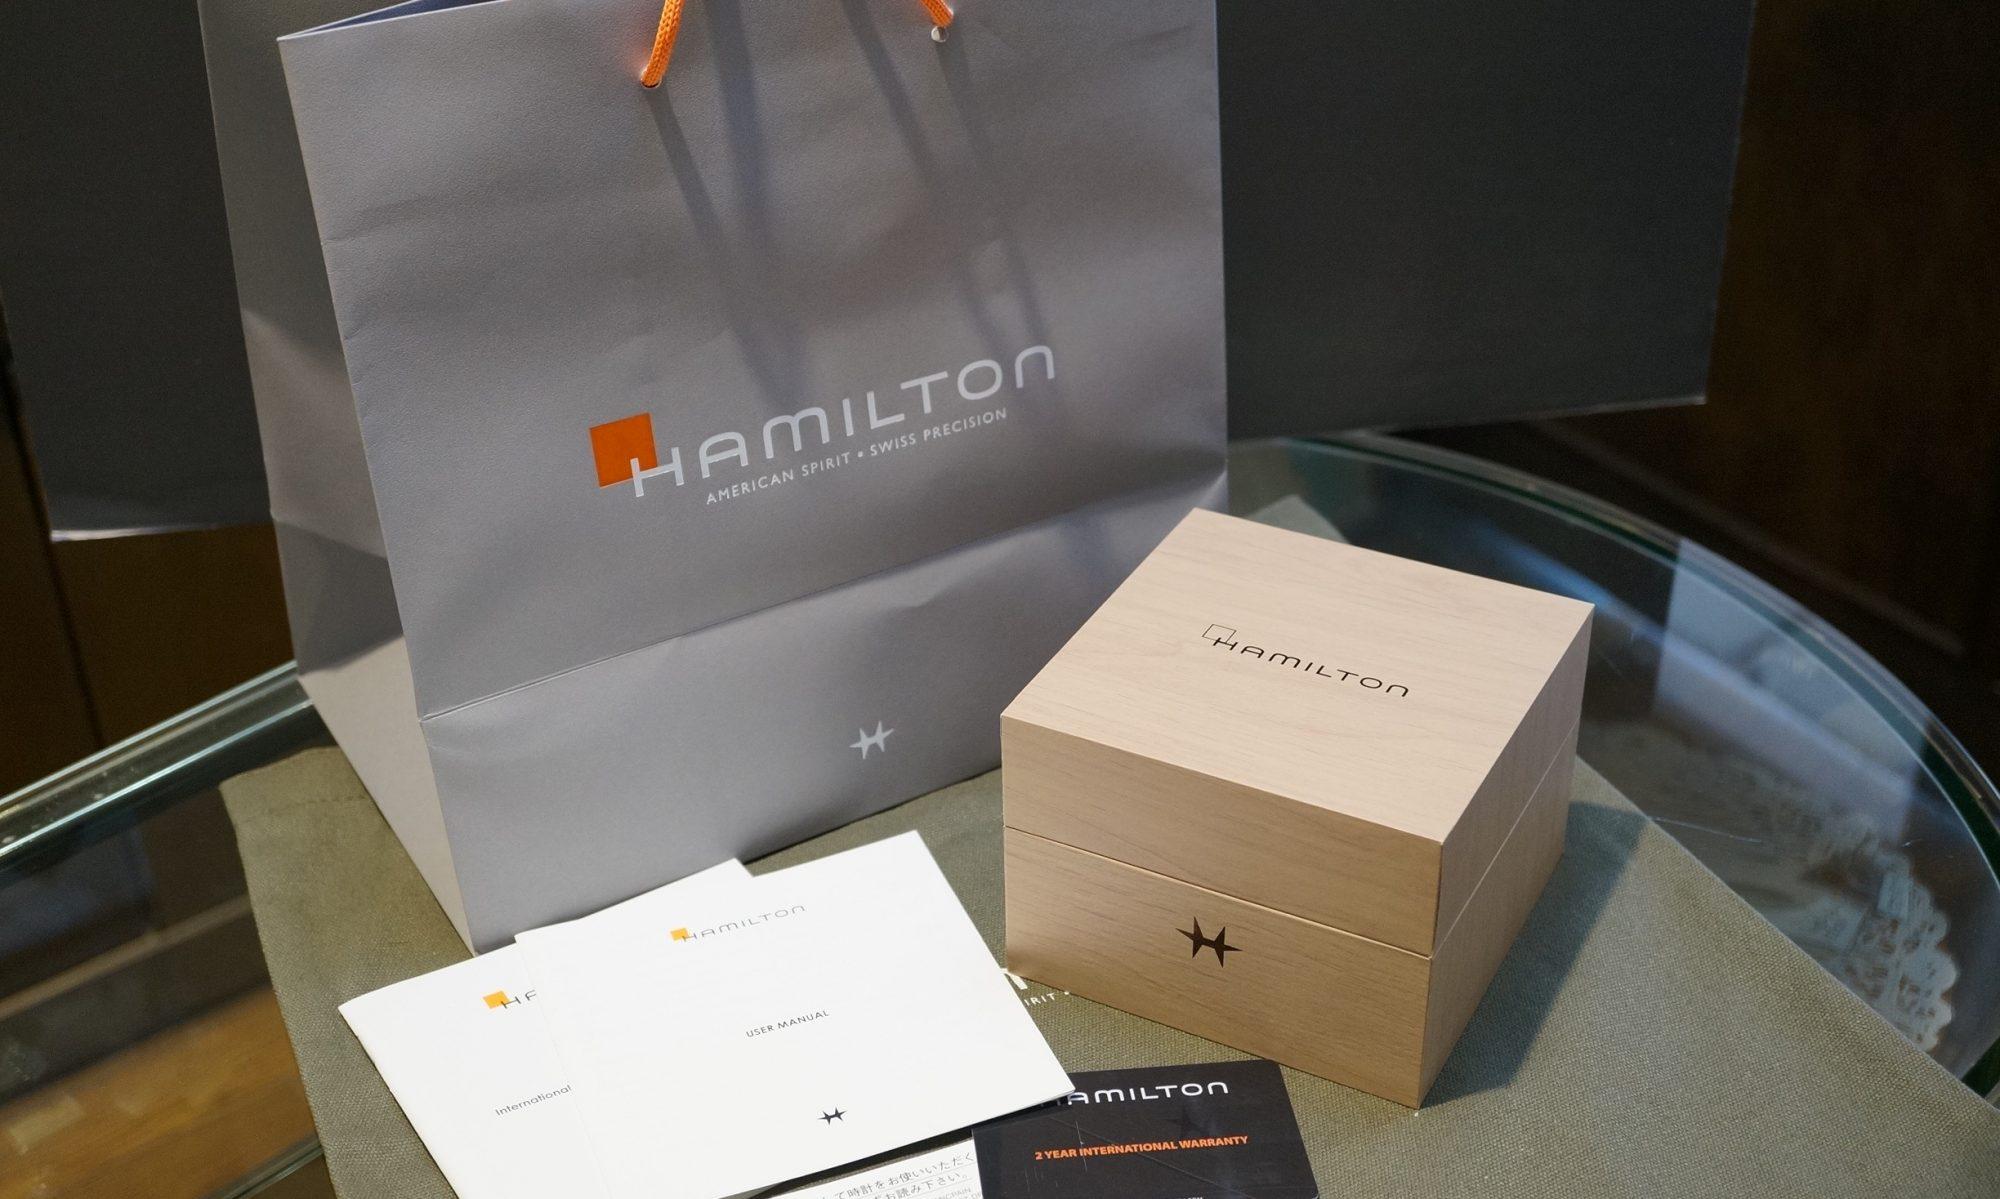 ハミルトン専門店 ランドホー 公式ブログ